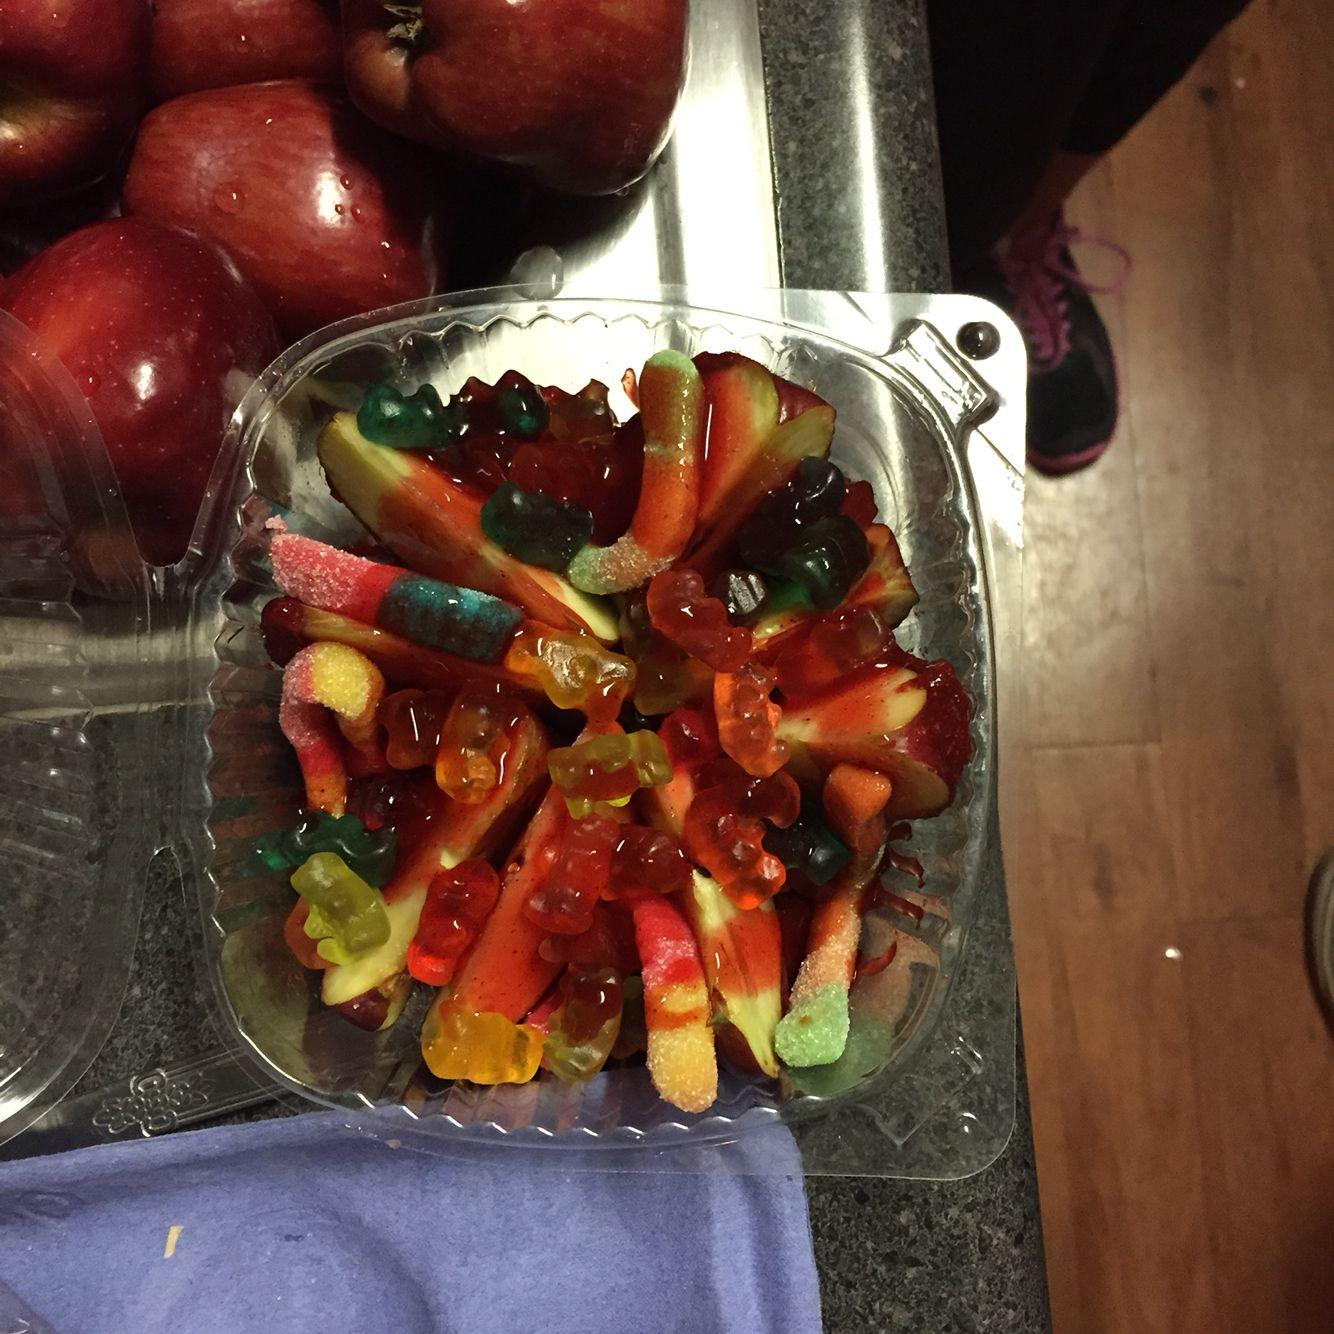 Apples preparadas made with tamarindo lucas powder